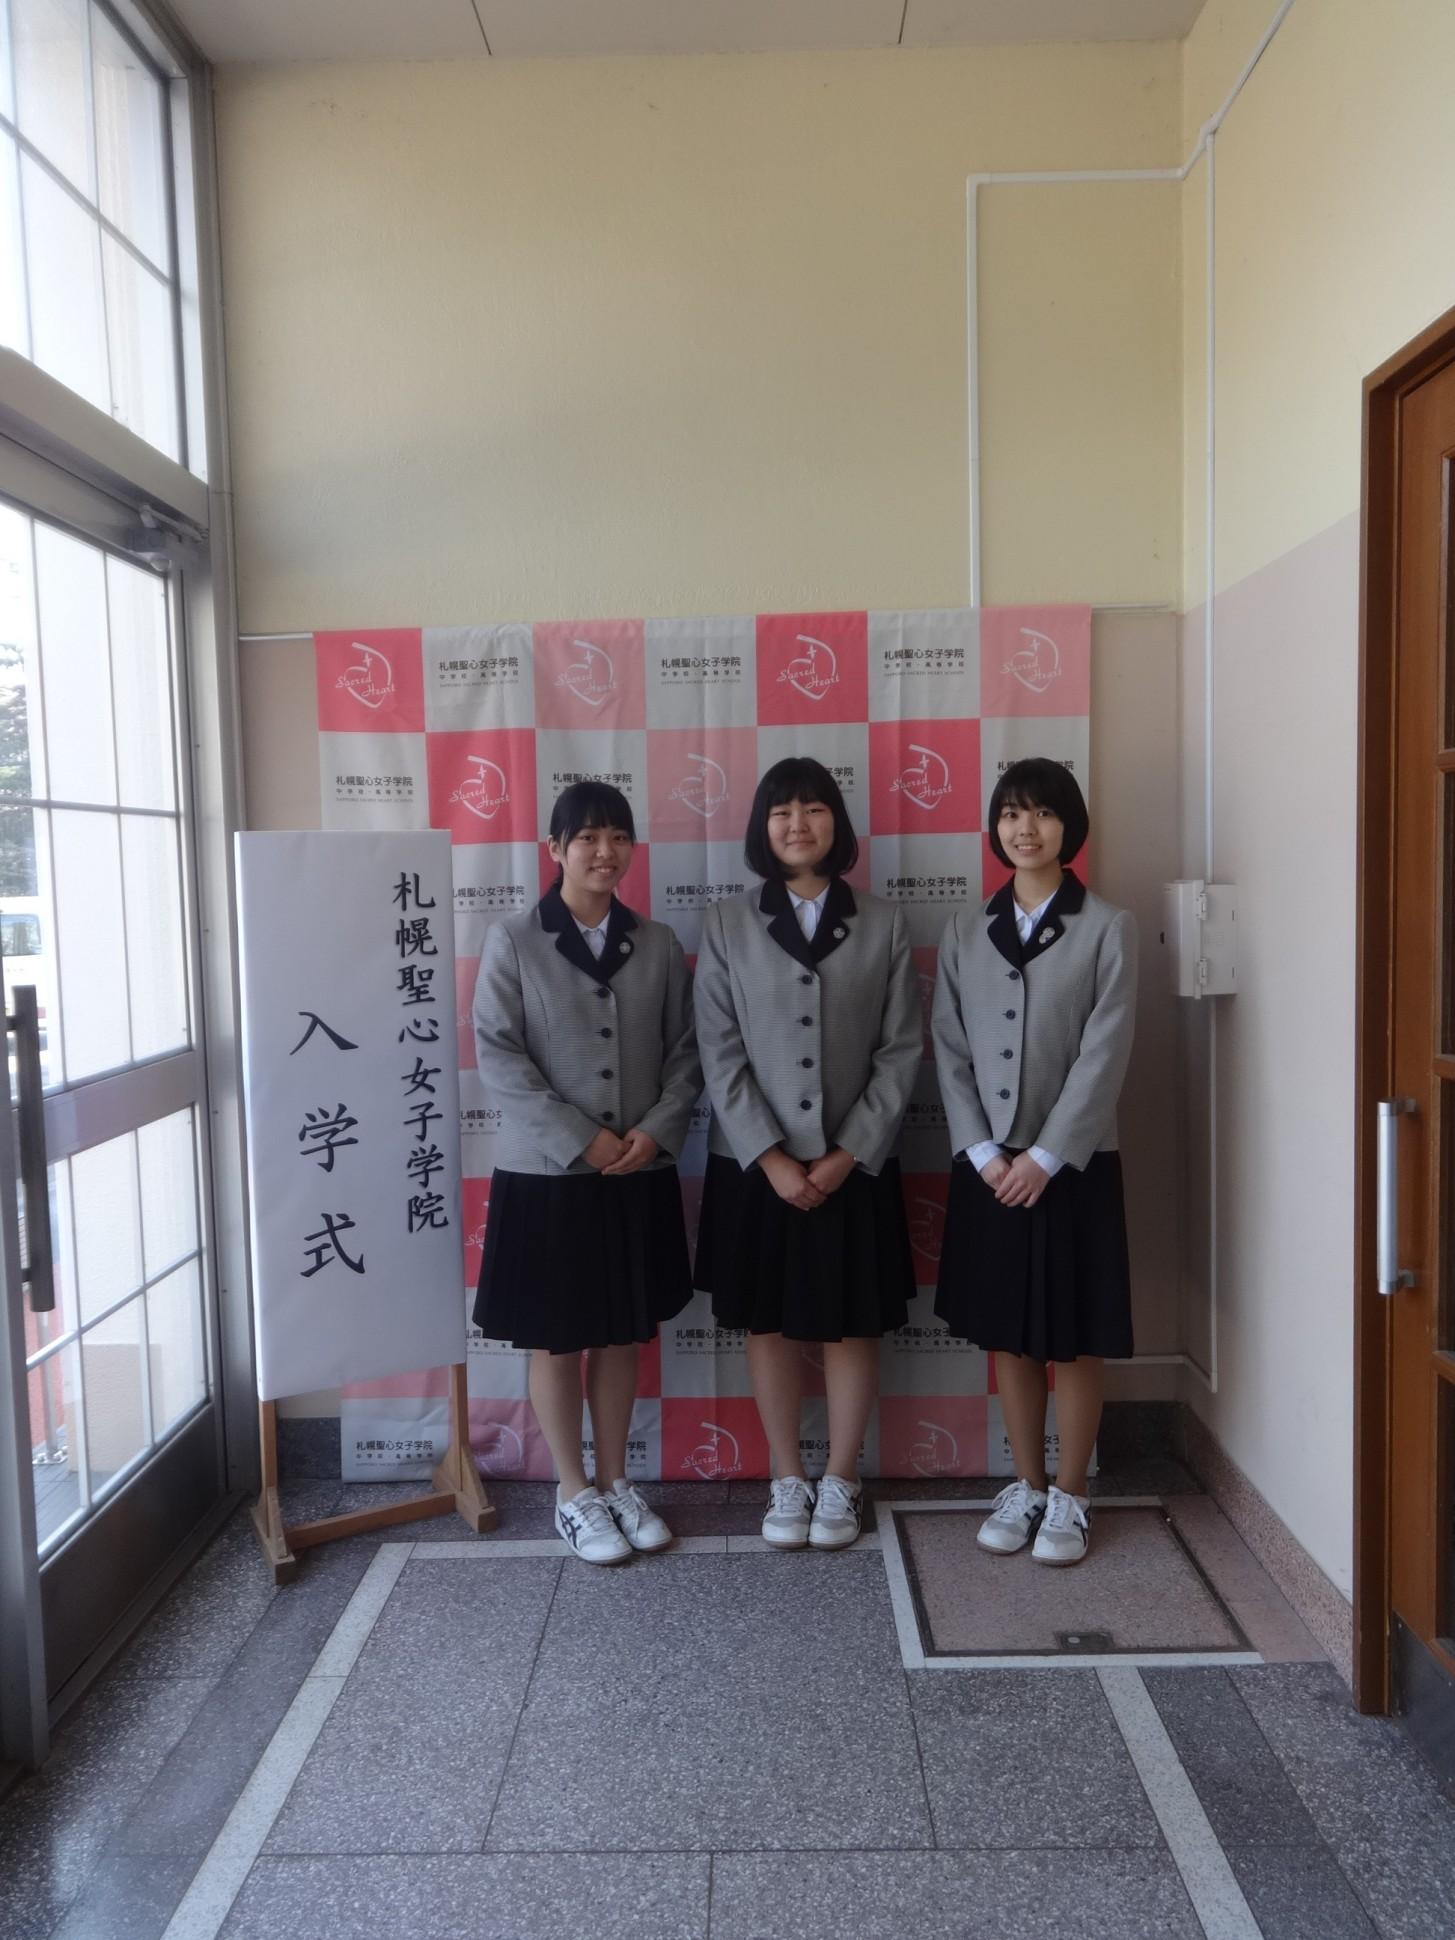 札幌 聖心 女子 学院